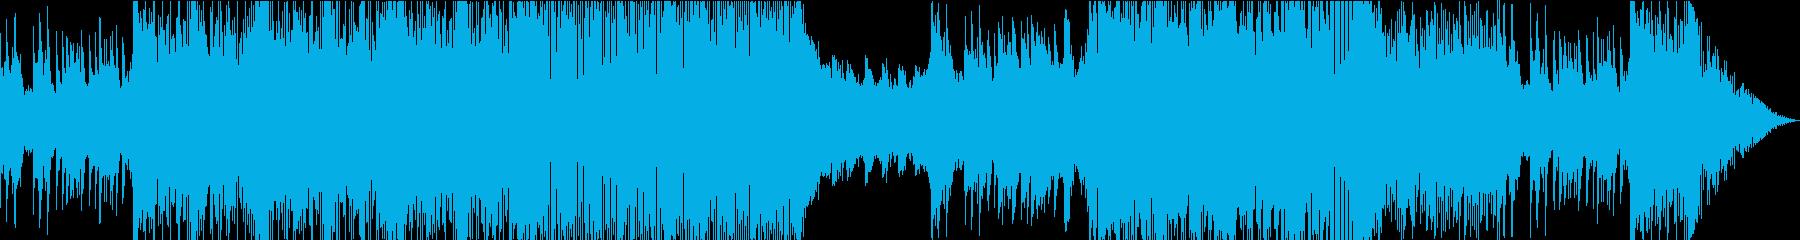 アニソンOP風の気持ちが高まる曲の再生済みの波形